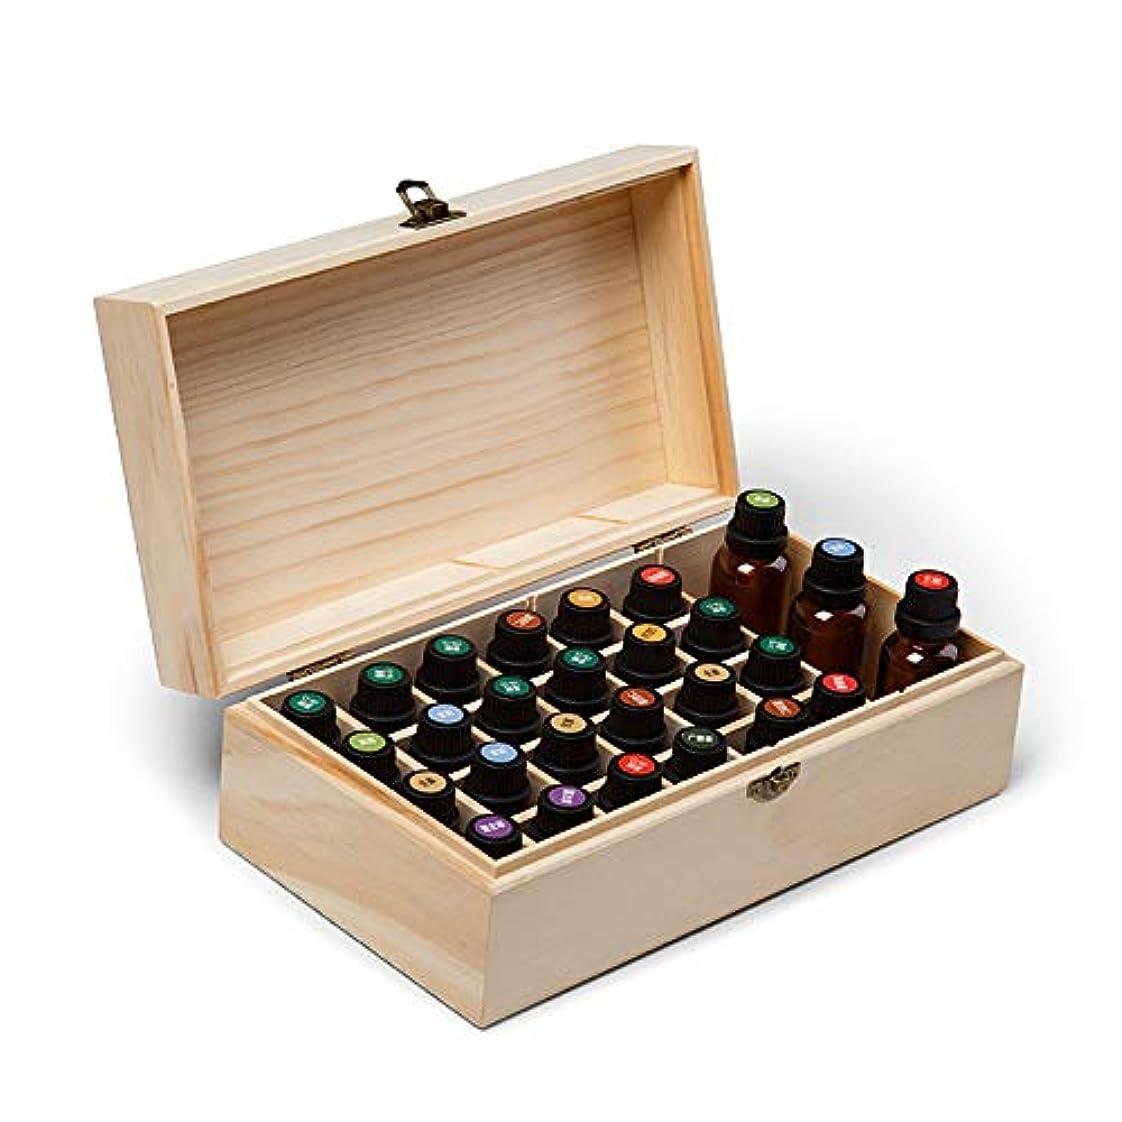 スパンシットコム論争エッセンシャルオイルストレージボックス エッセンシャルオイル木製ボックス油の収納ケースは、25本のボトルナチュラルパインを開催します 旅行およびプレゼンテーション用 (色 : Natural, サイズ : 27X15X10CM)